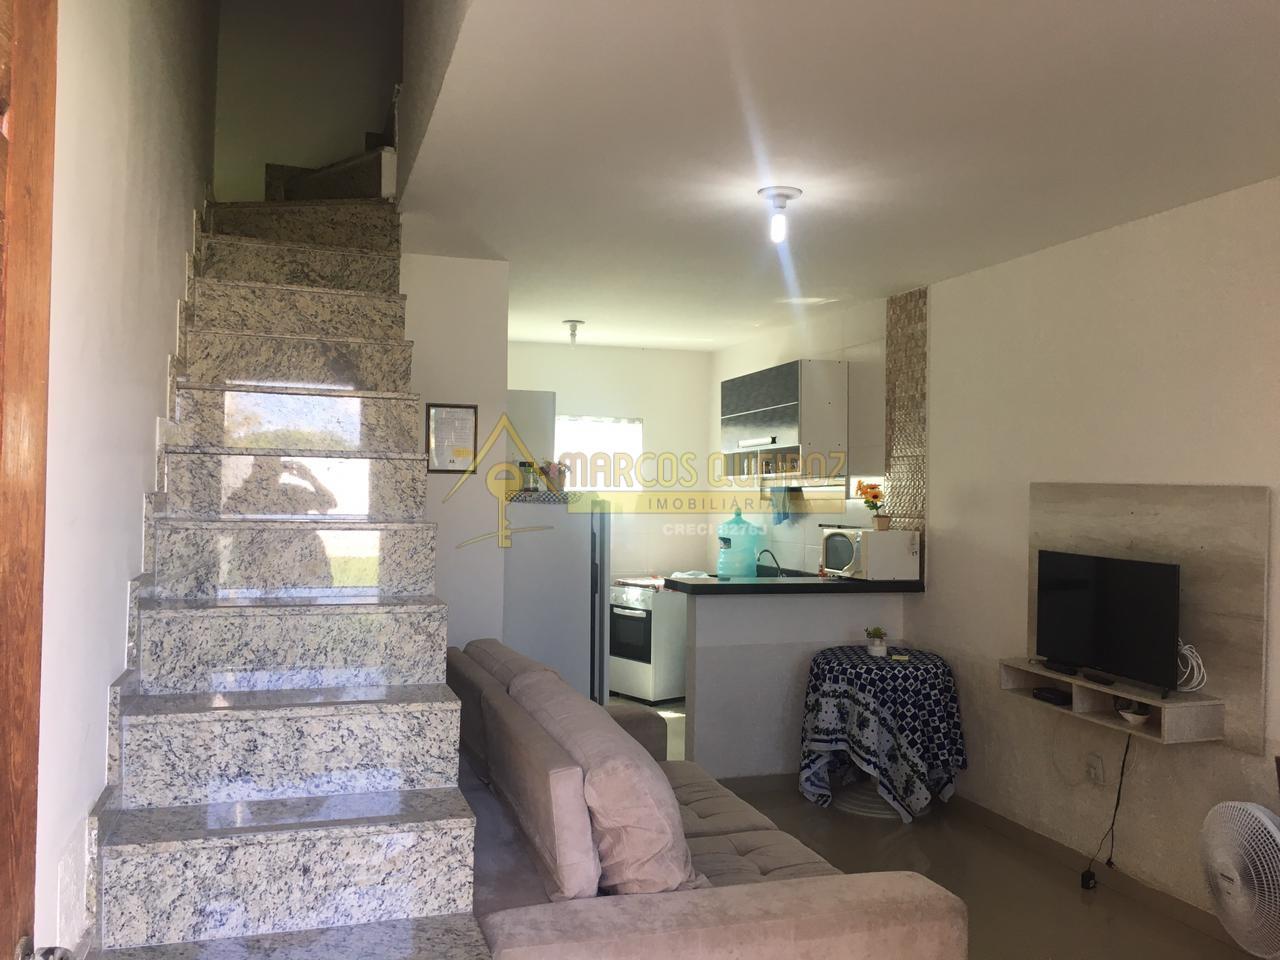 Cod: V576 Casa independente com 02 quartos no bairro Vila do Peró